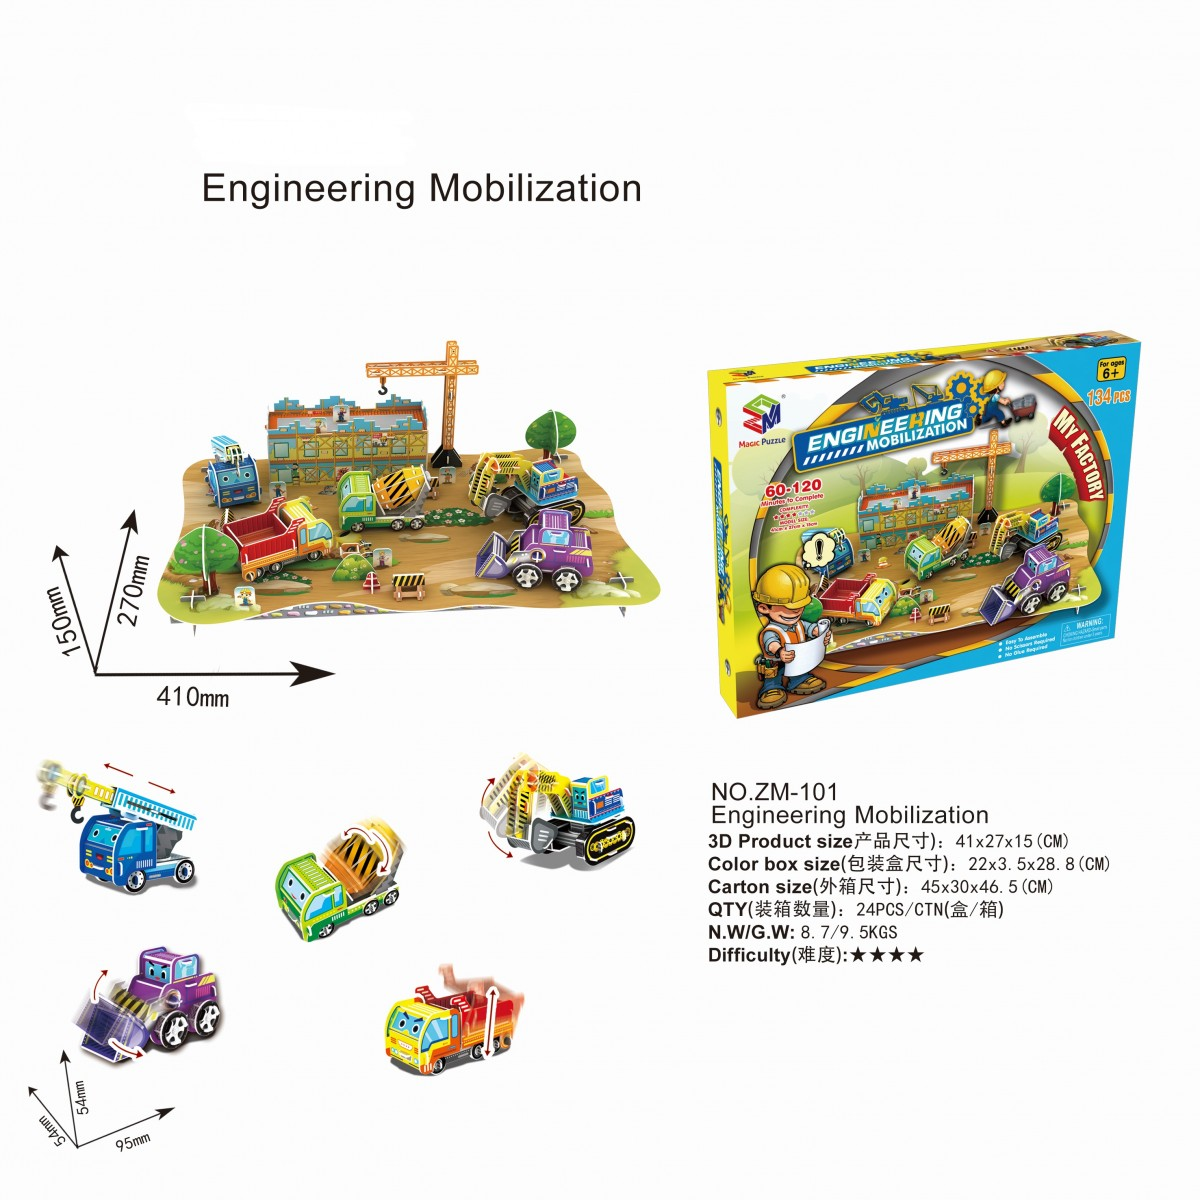 働く自動車シリーズ 3Dパズル イメージ